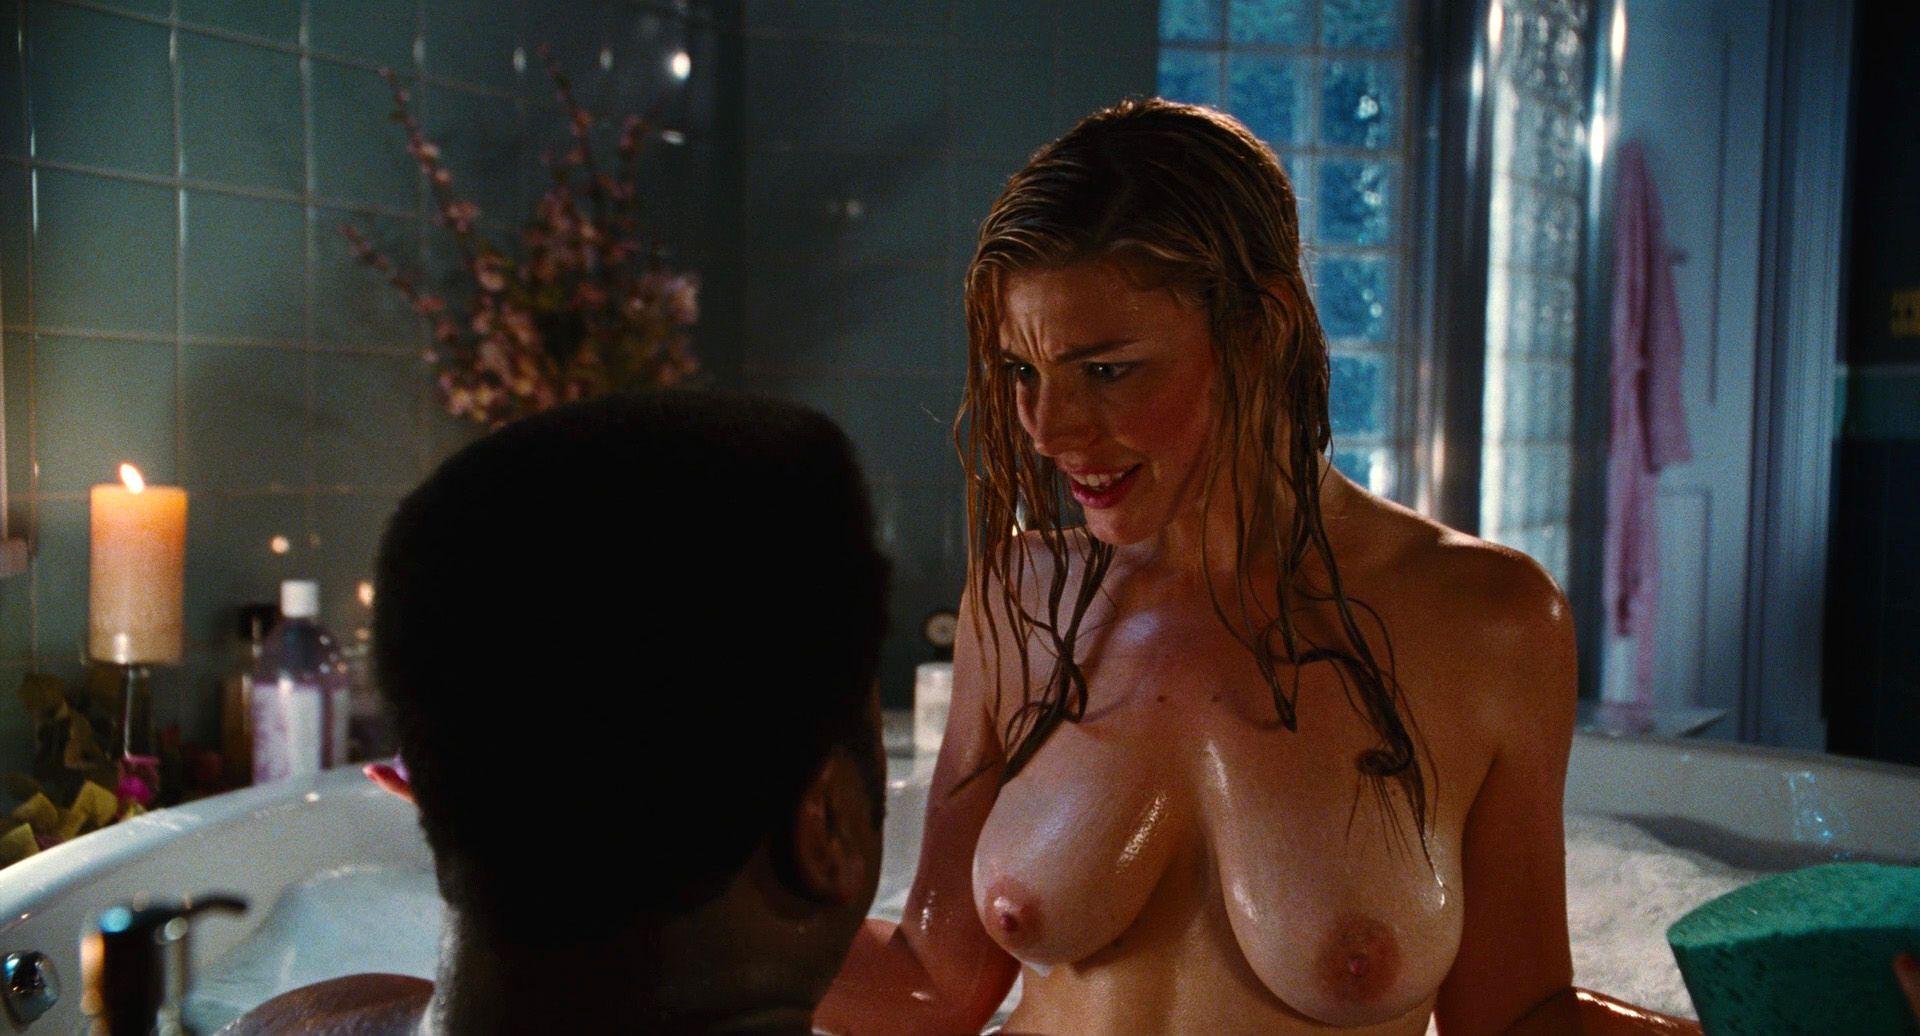 Jessica Pare